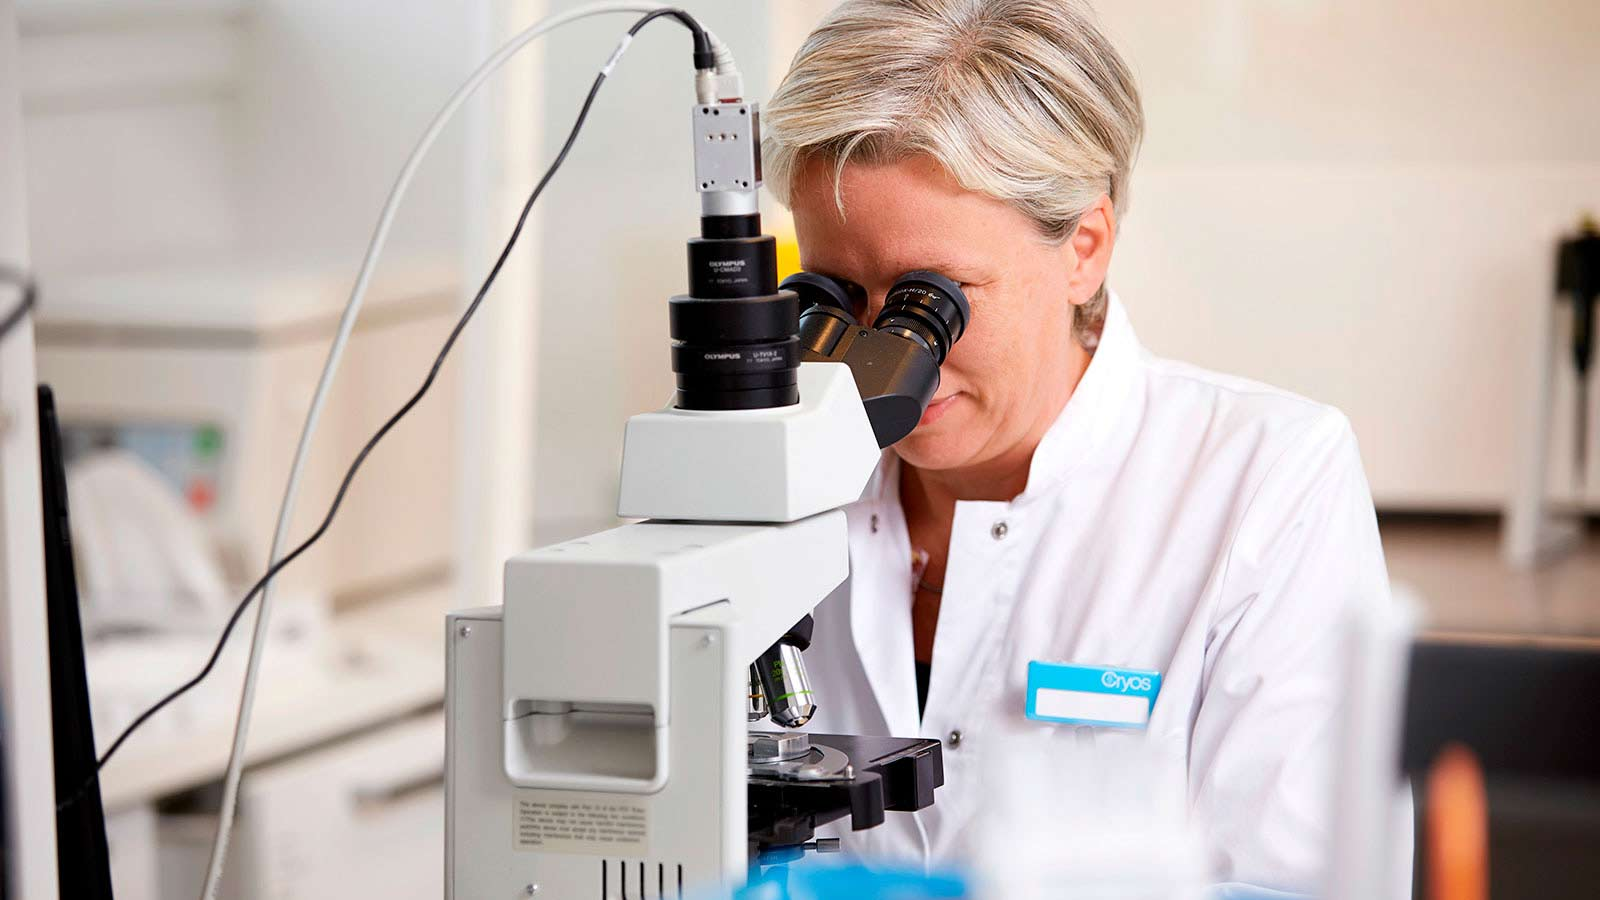 Cryos laborant der vurderer kvaliteten af en donorsædprøve gennem et mikroskop